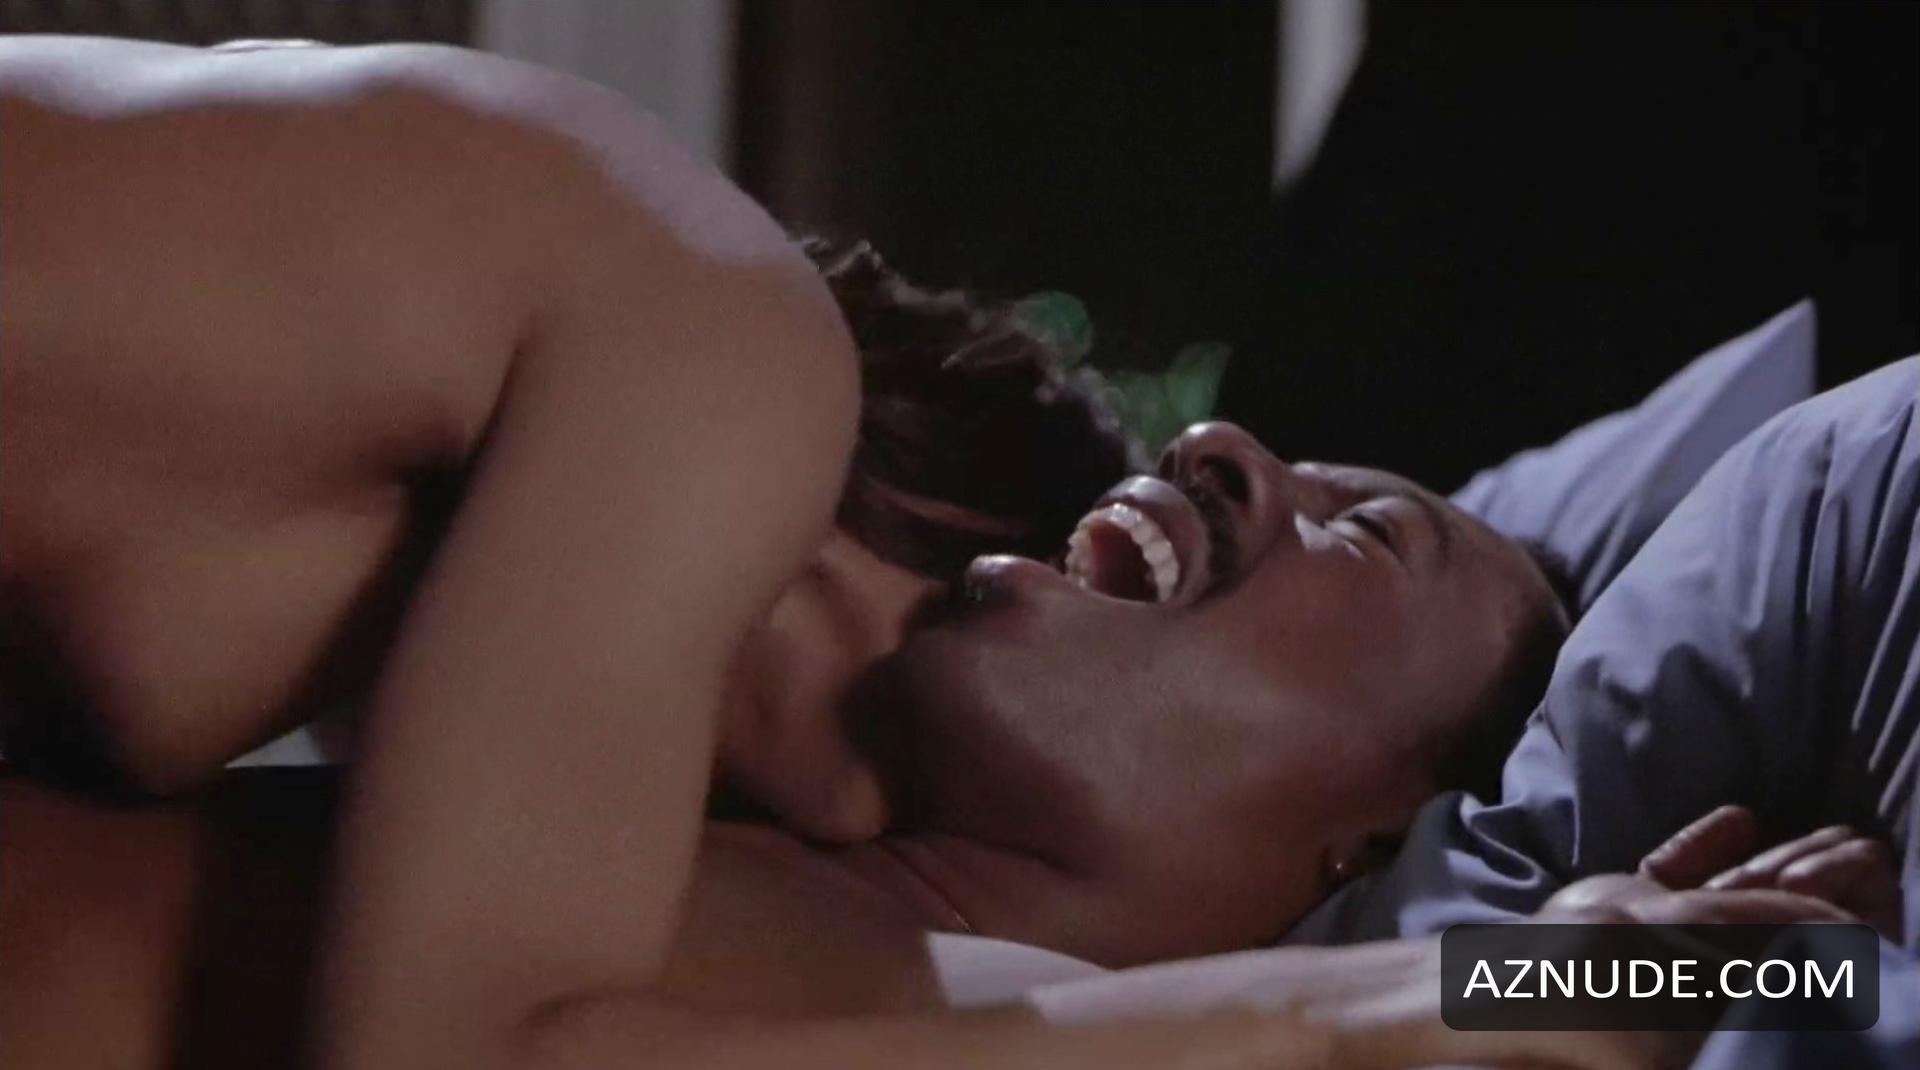 Naked lesbian sex pics-4820